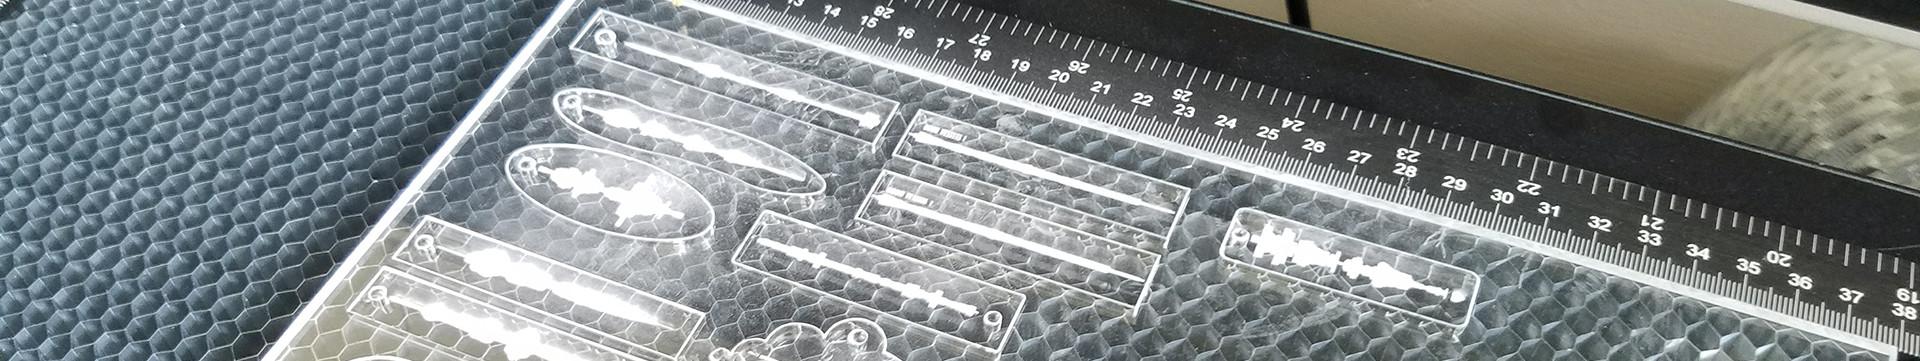 [課程]本系雷射切割工作坊進行中